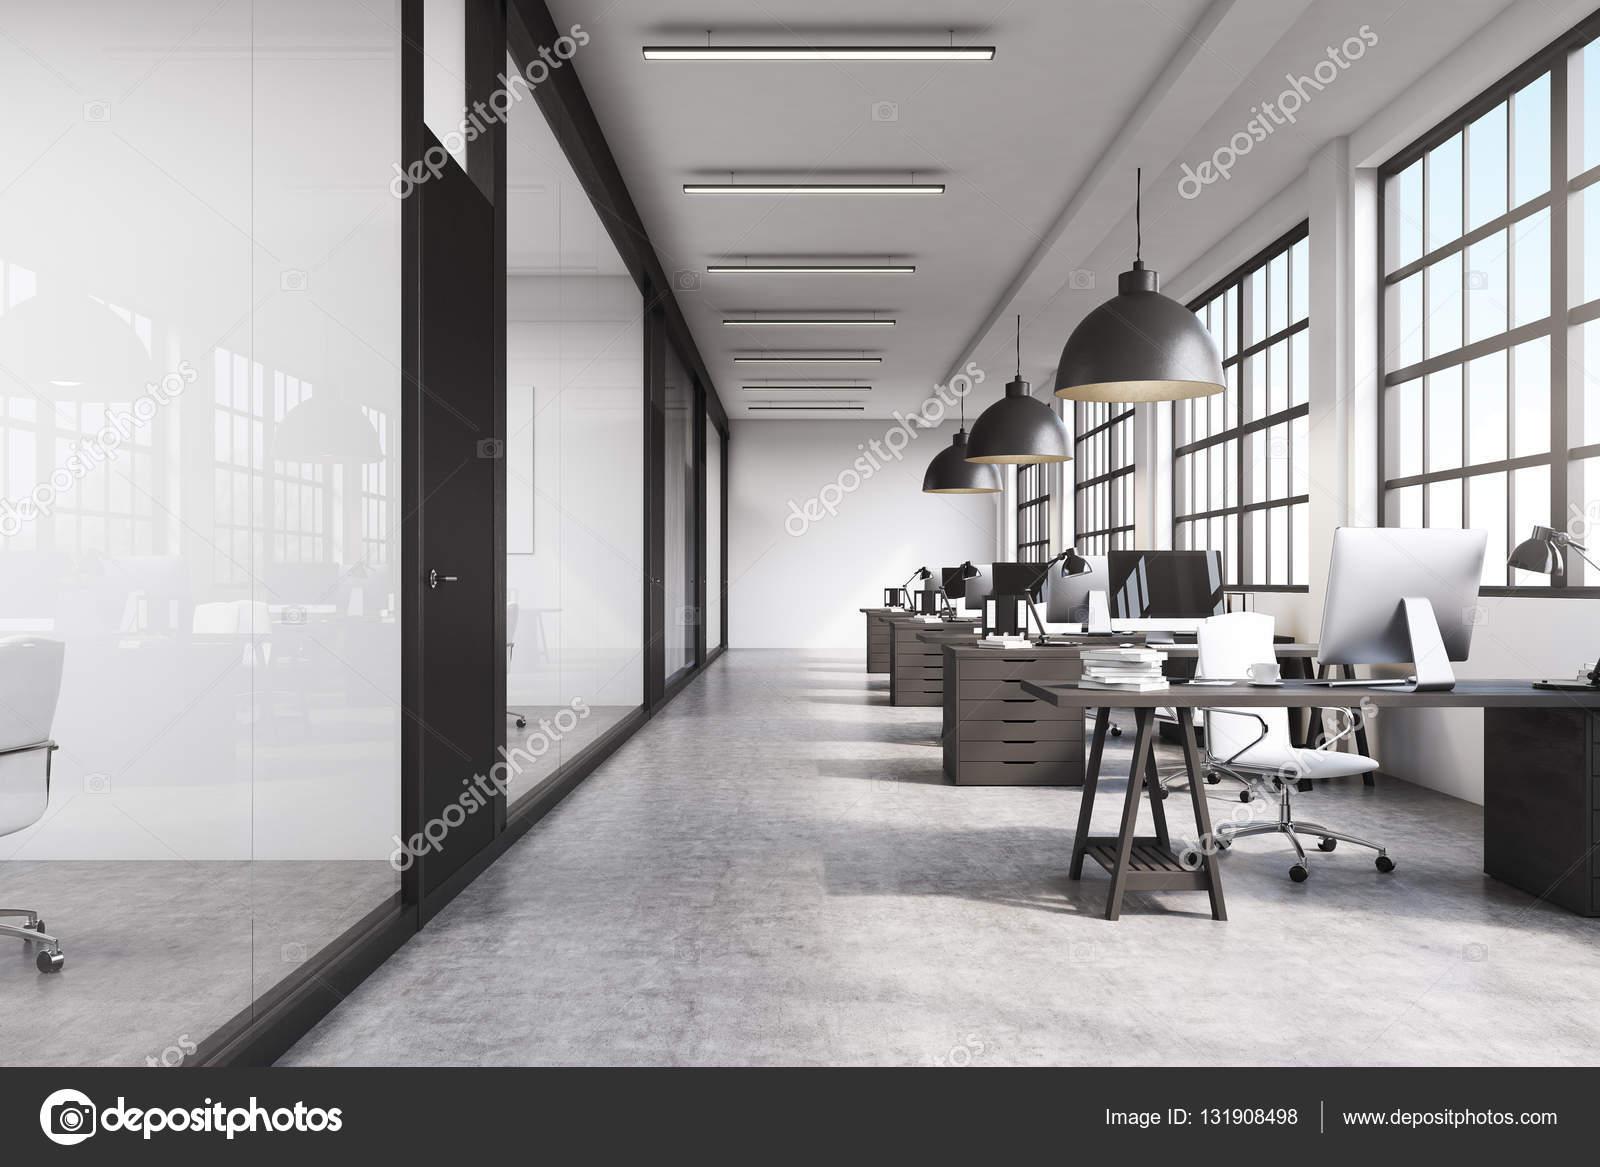 fotos von innenräumen des büroraums polizeistation innenraum vorderansicht eines langen büros mit betonboden stockfoto